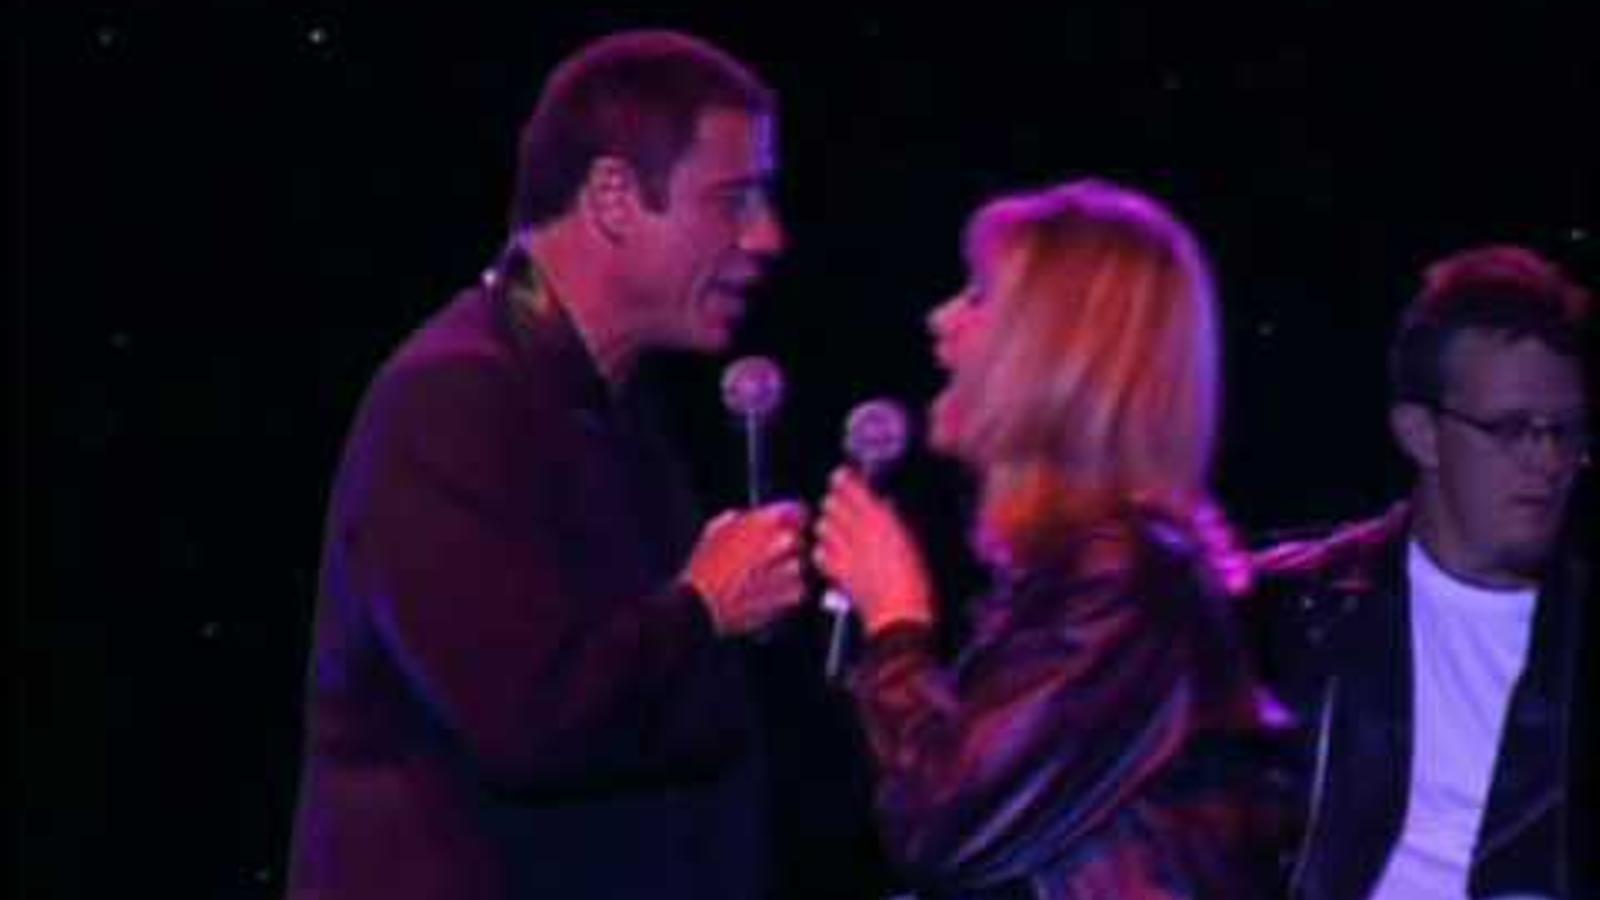 John Travolta i Olivia Newton-John van tornar a interpretar 'You're the one that I want' el 2002